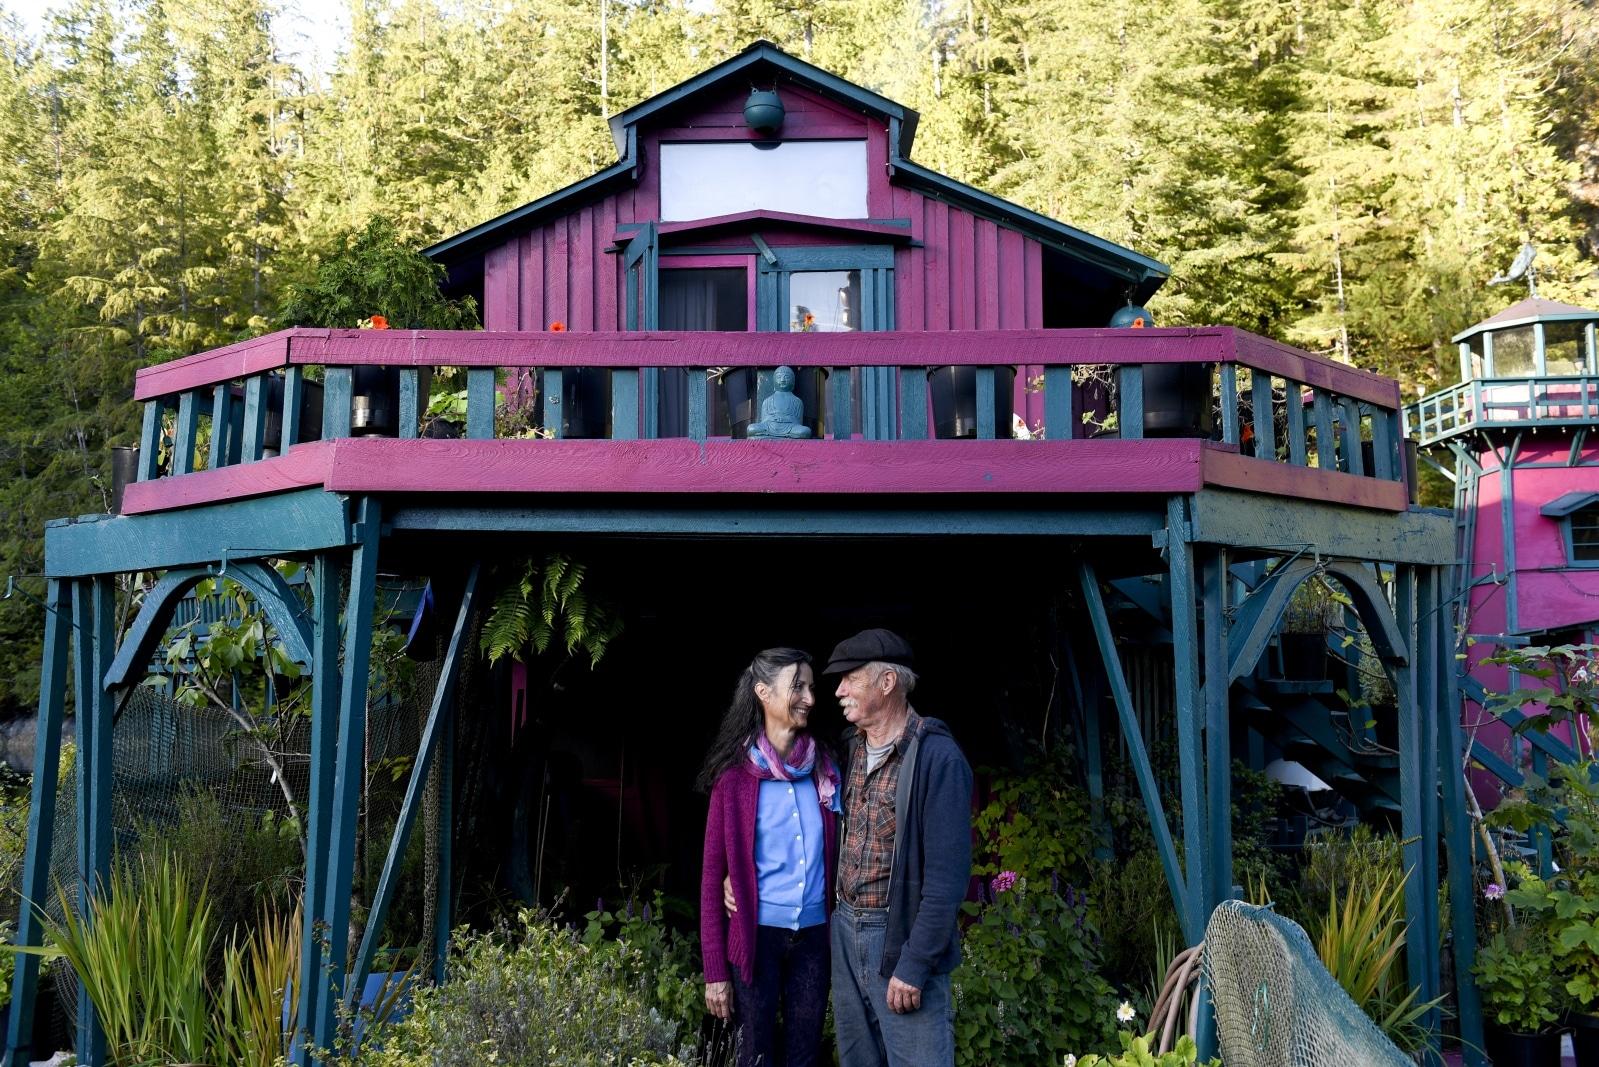 Sin dinero para comprar tierras, construyen su casa flotante en el río